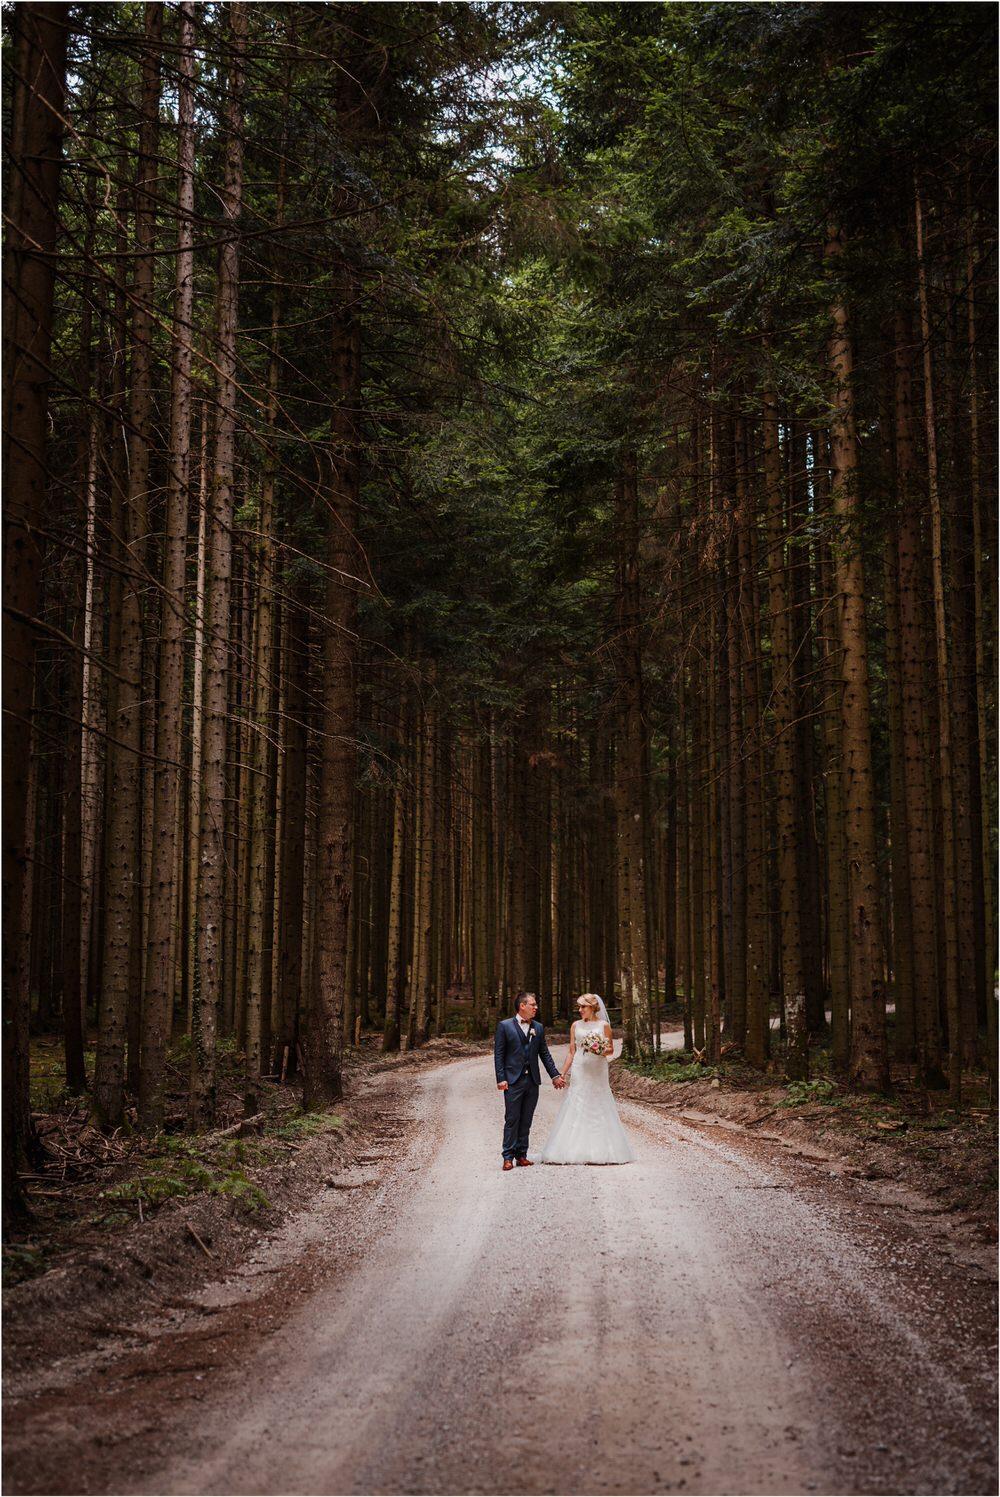 tuscany italy wedding photographer croatia austria france ireland lake bled engagement wedding porocni fotograf 0052.jpg